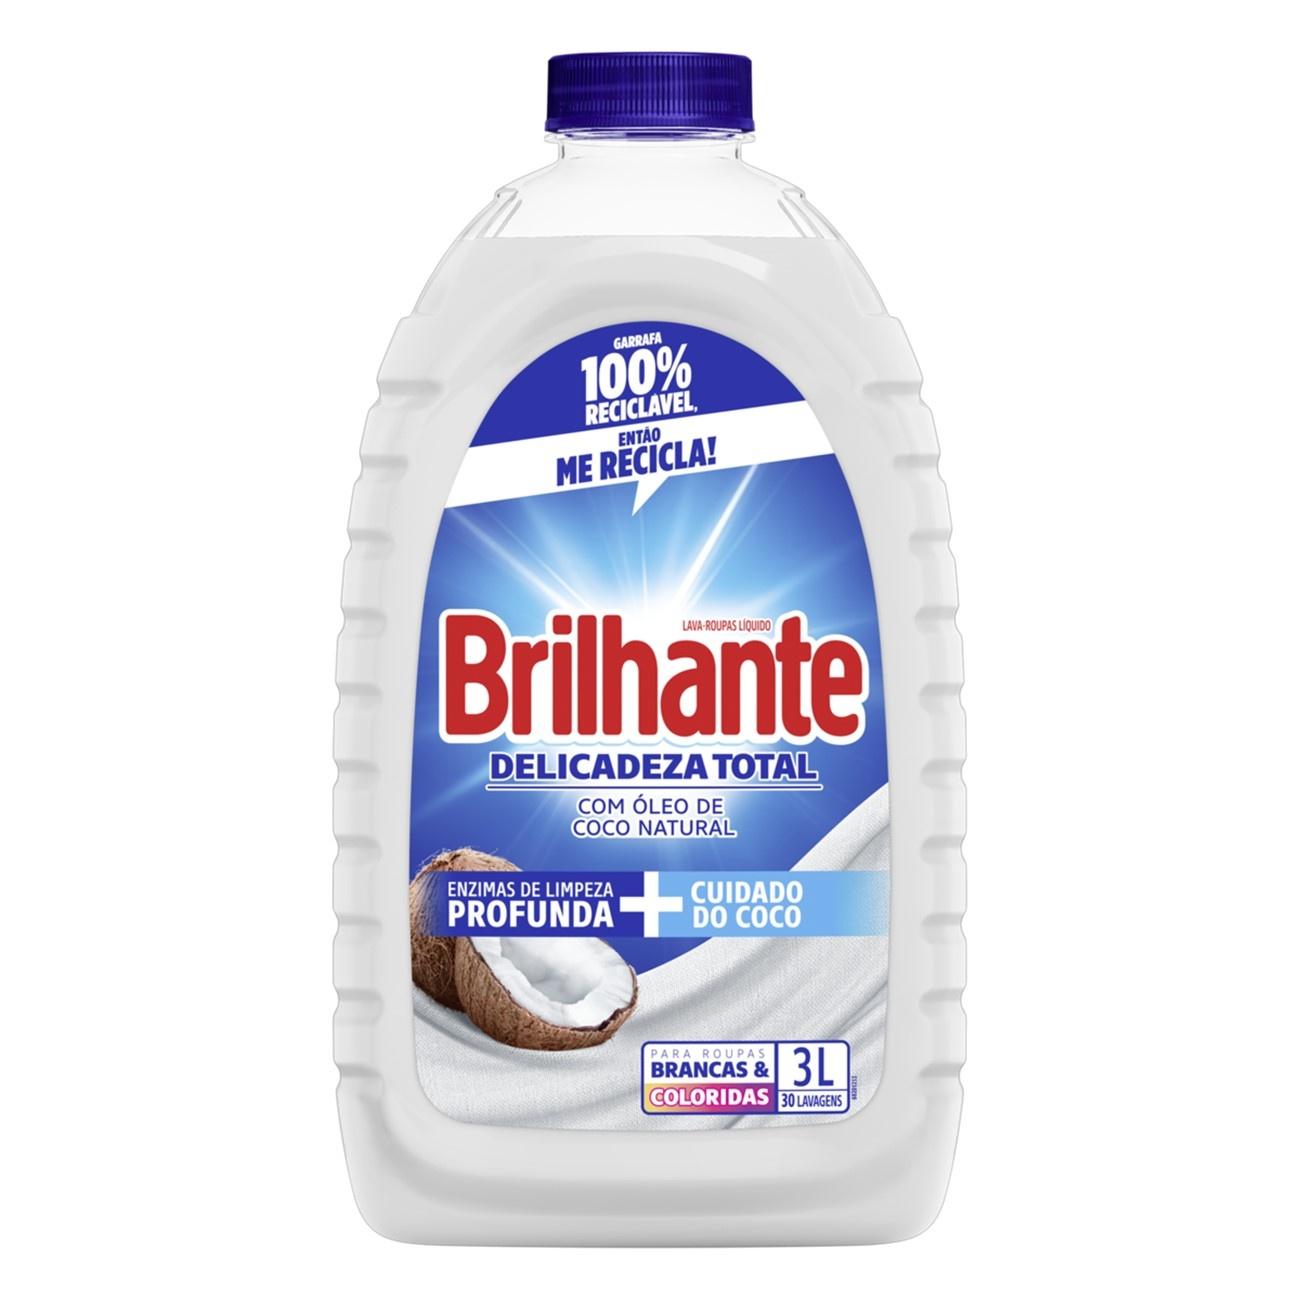 BRILHANTE LIQ DELICA TOT C/ COCO 1X3L(4)